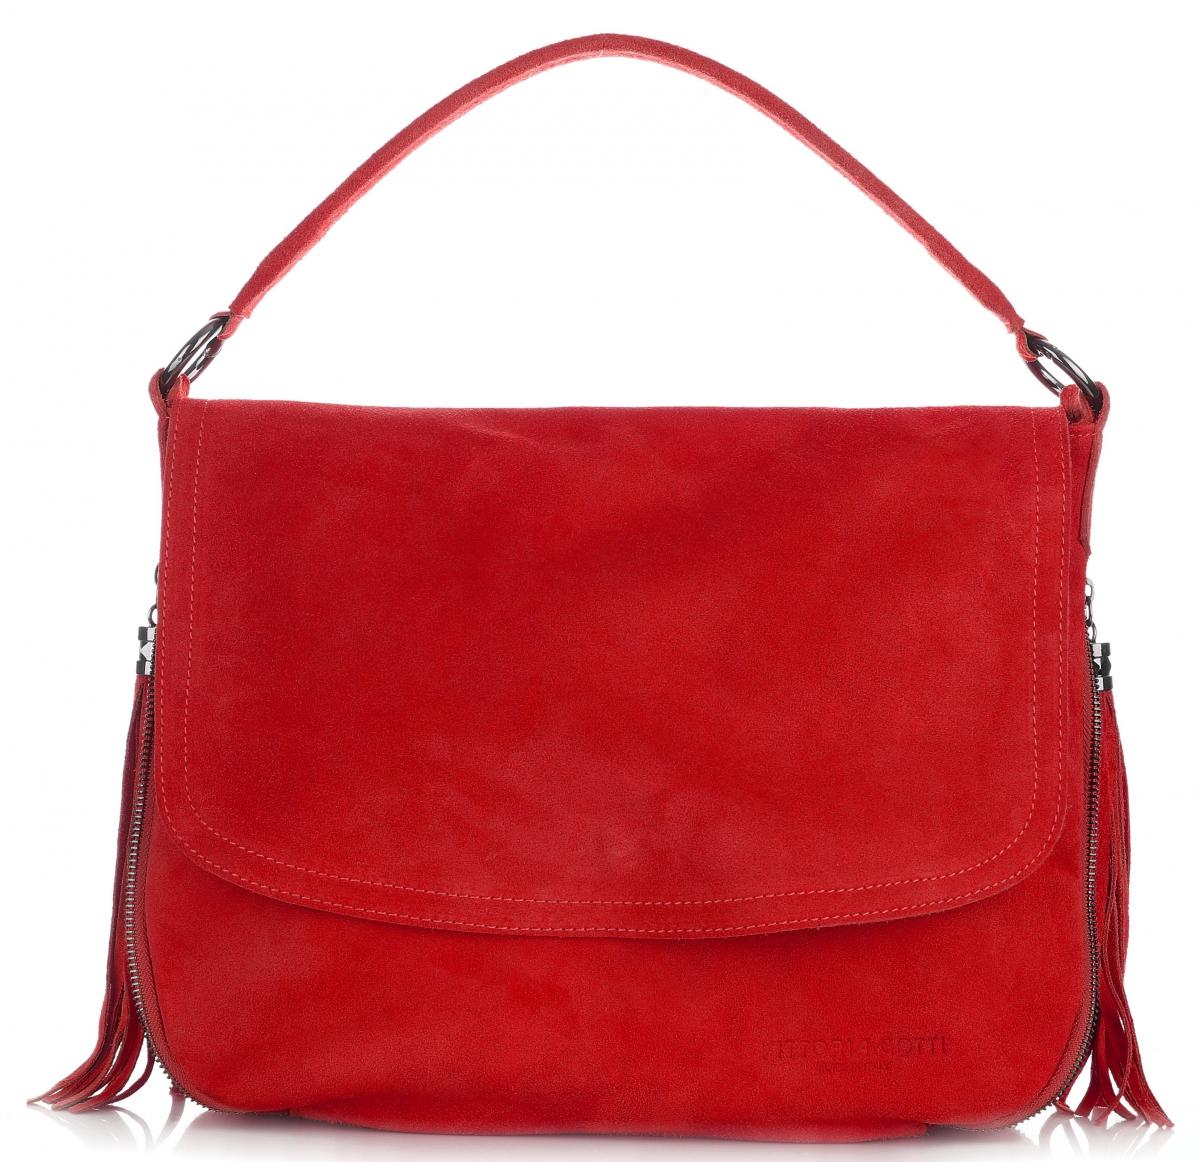 71699de1bf36c Listonoszka Skórzana VITTORIA GOTTI Made in Italy V5022 Czerwona ...